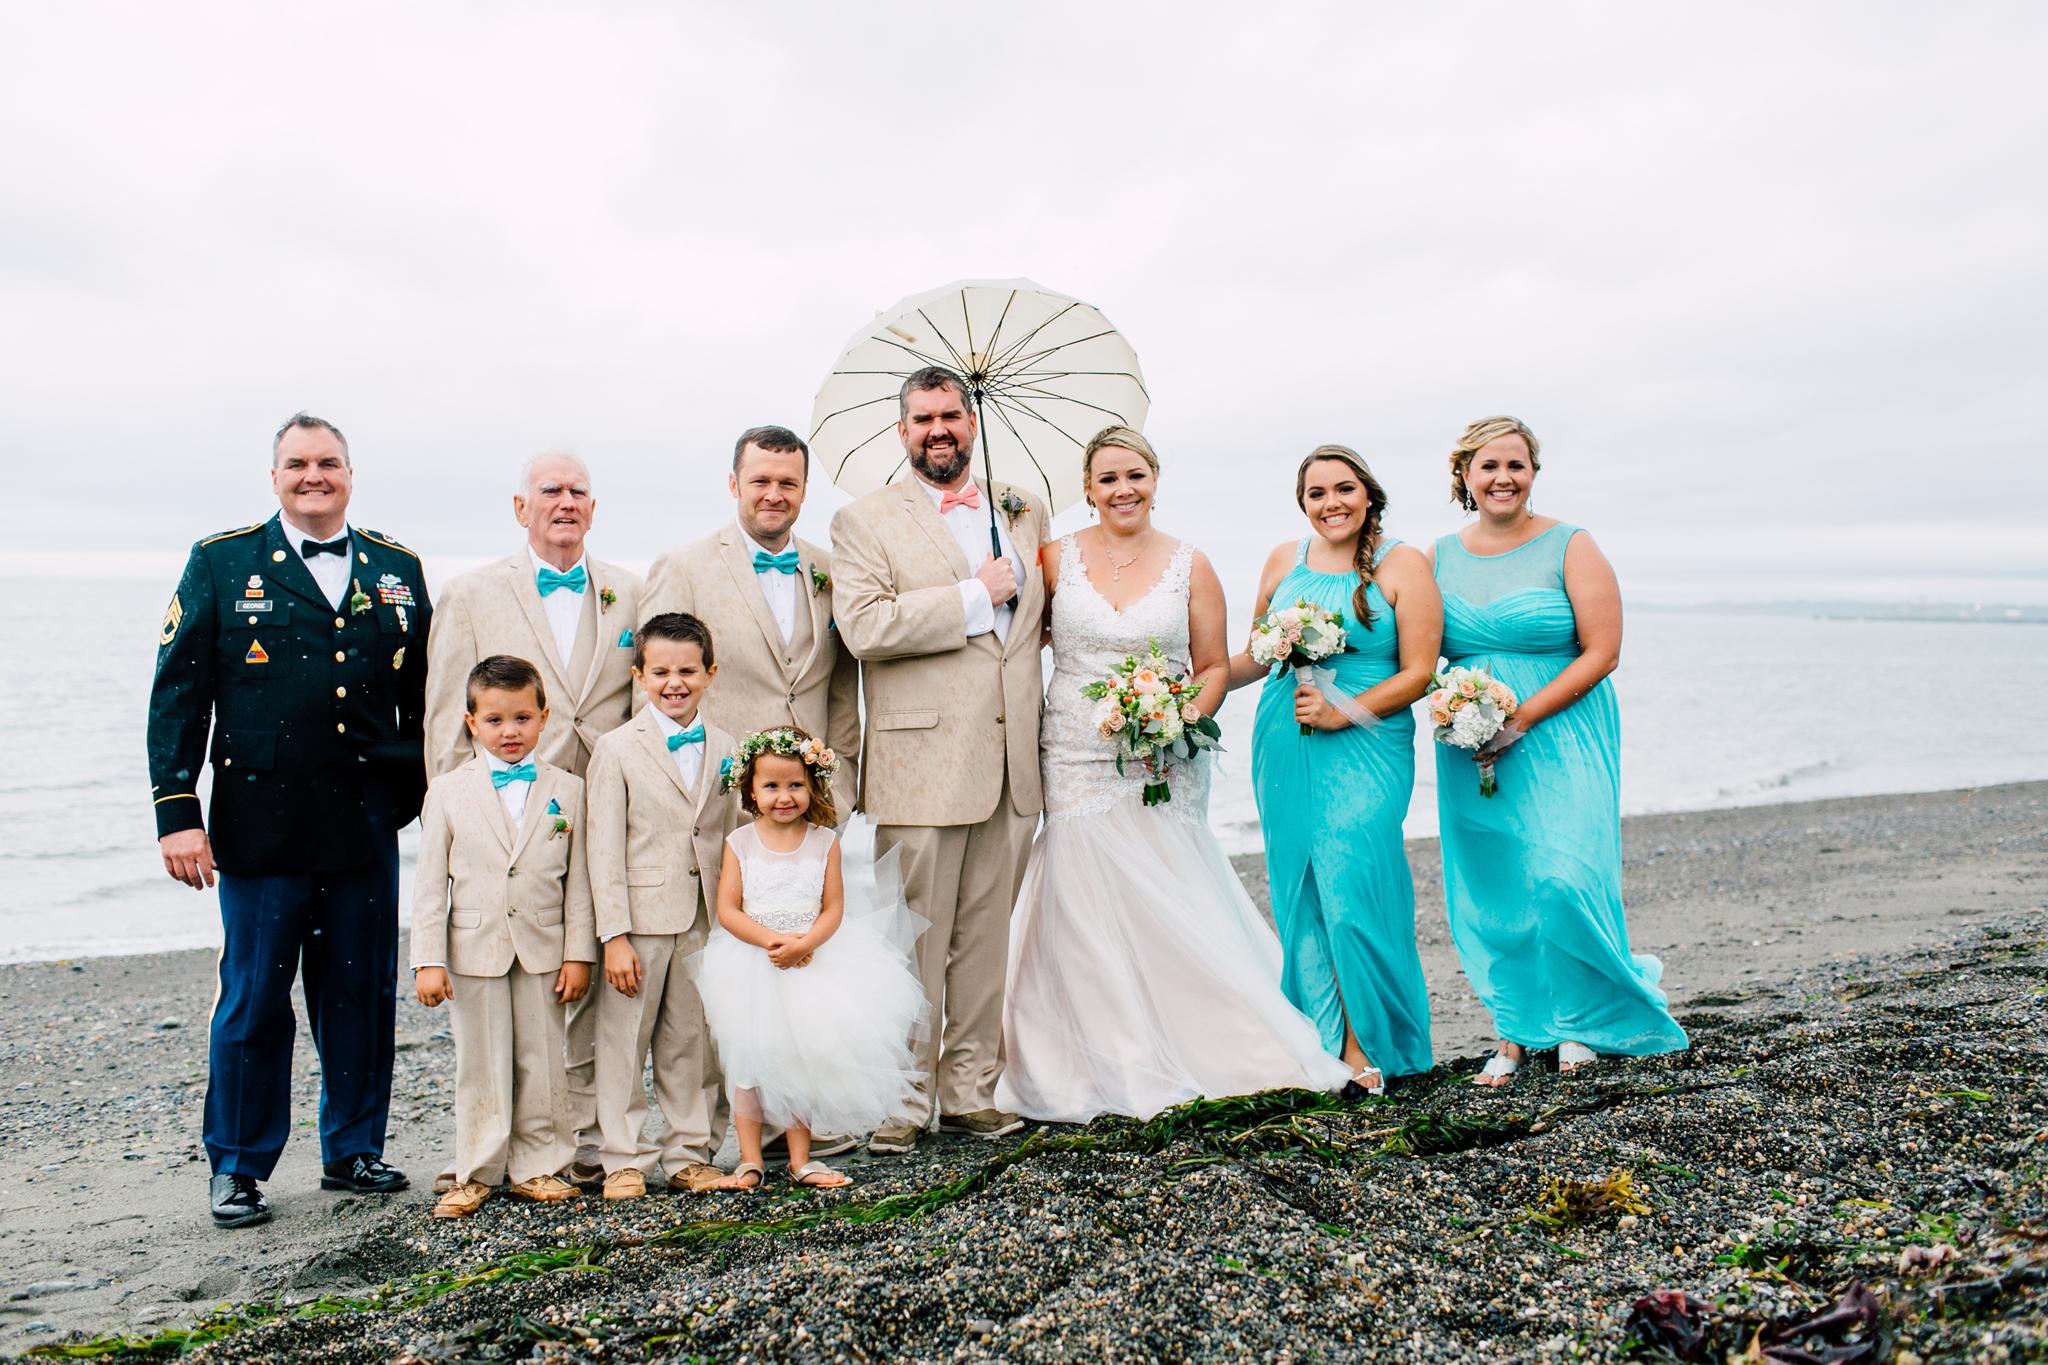 041-bellingham-wedding-photographer-beach-katheryn-moran-elisa-phillip.jpg